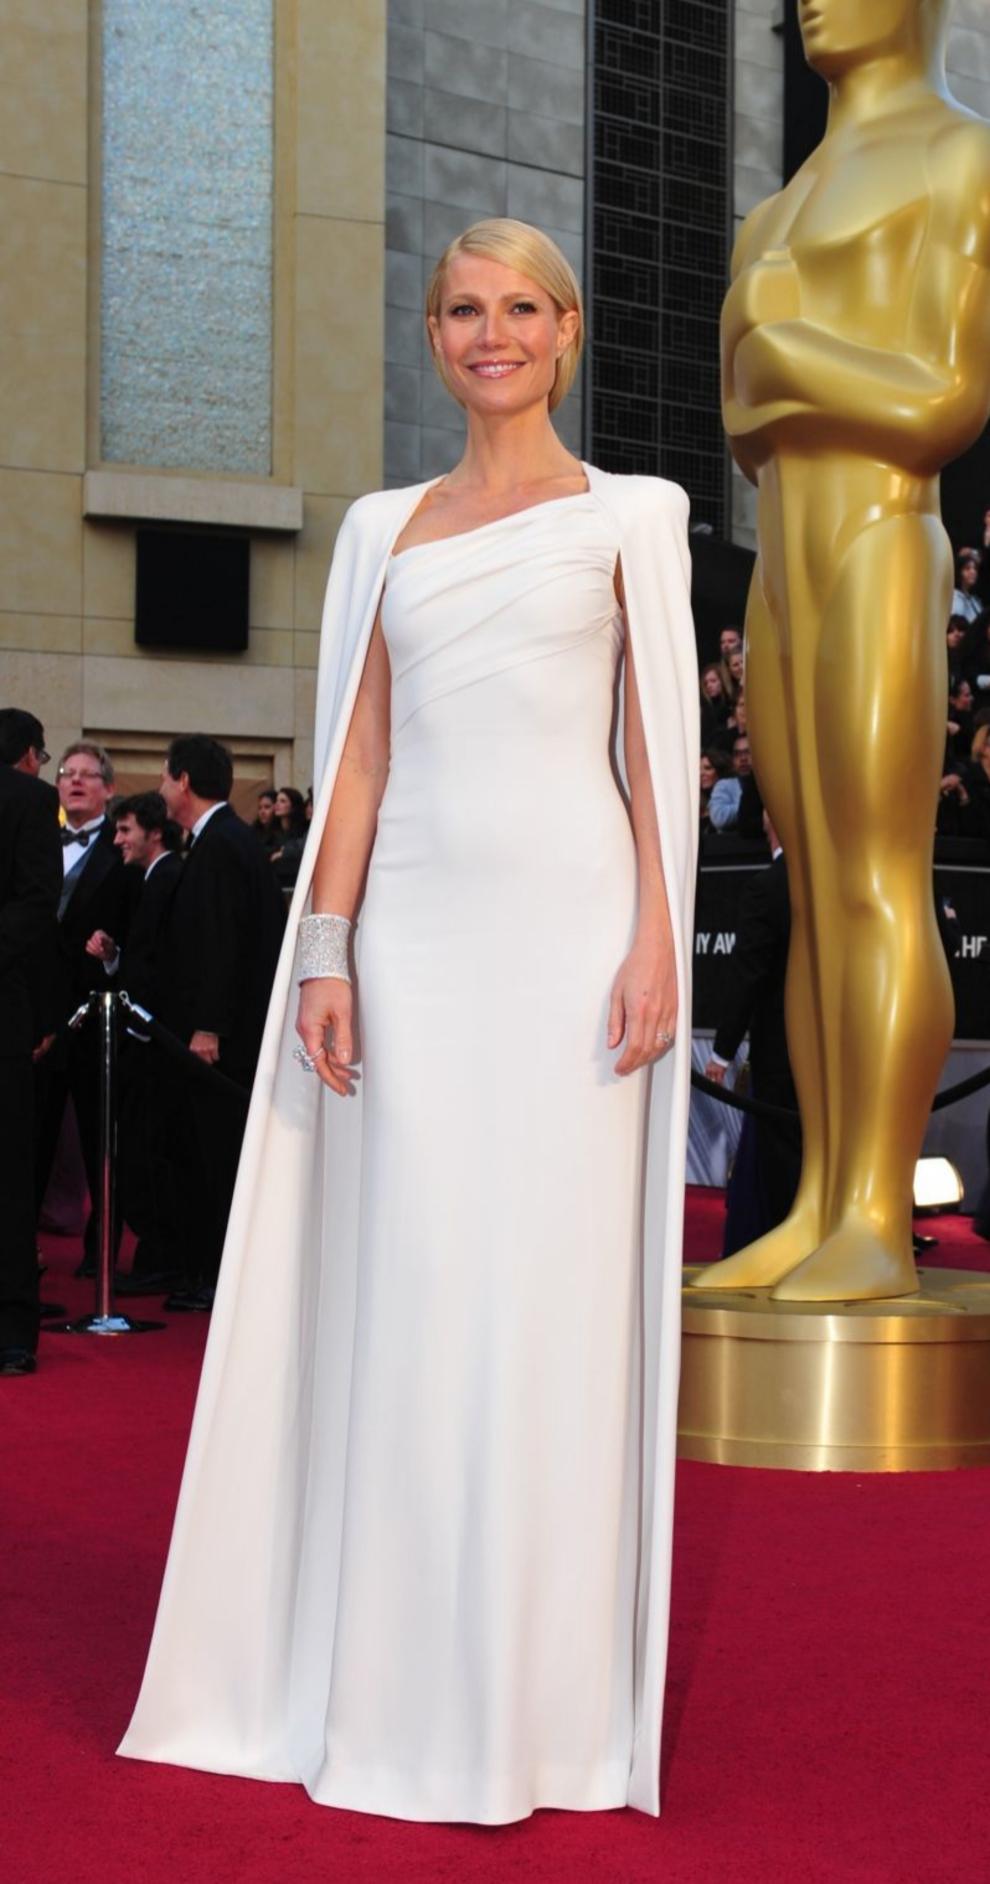 De nuevo, la actriz se convirtió en la mejor vestida de los premios...